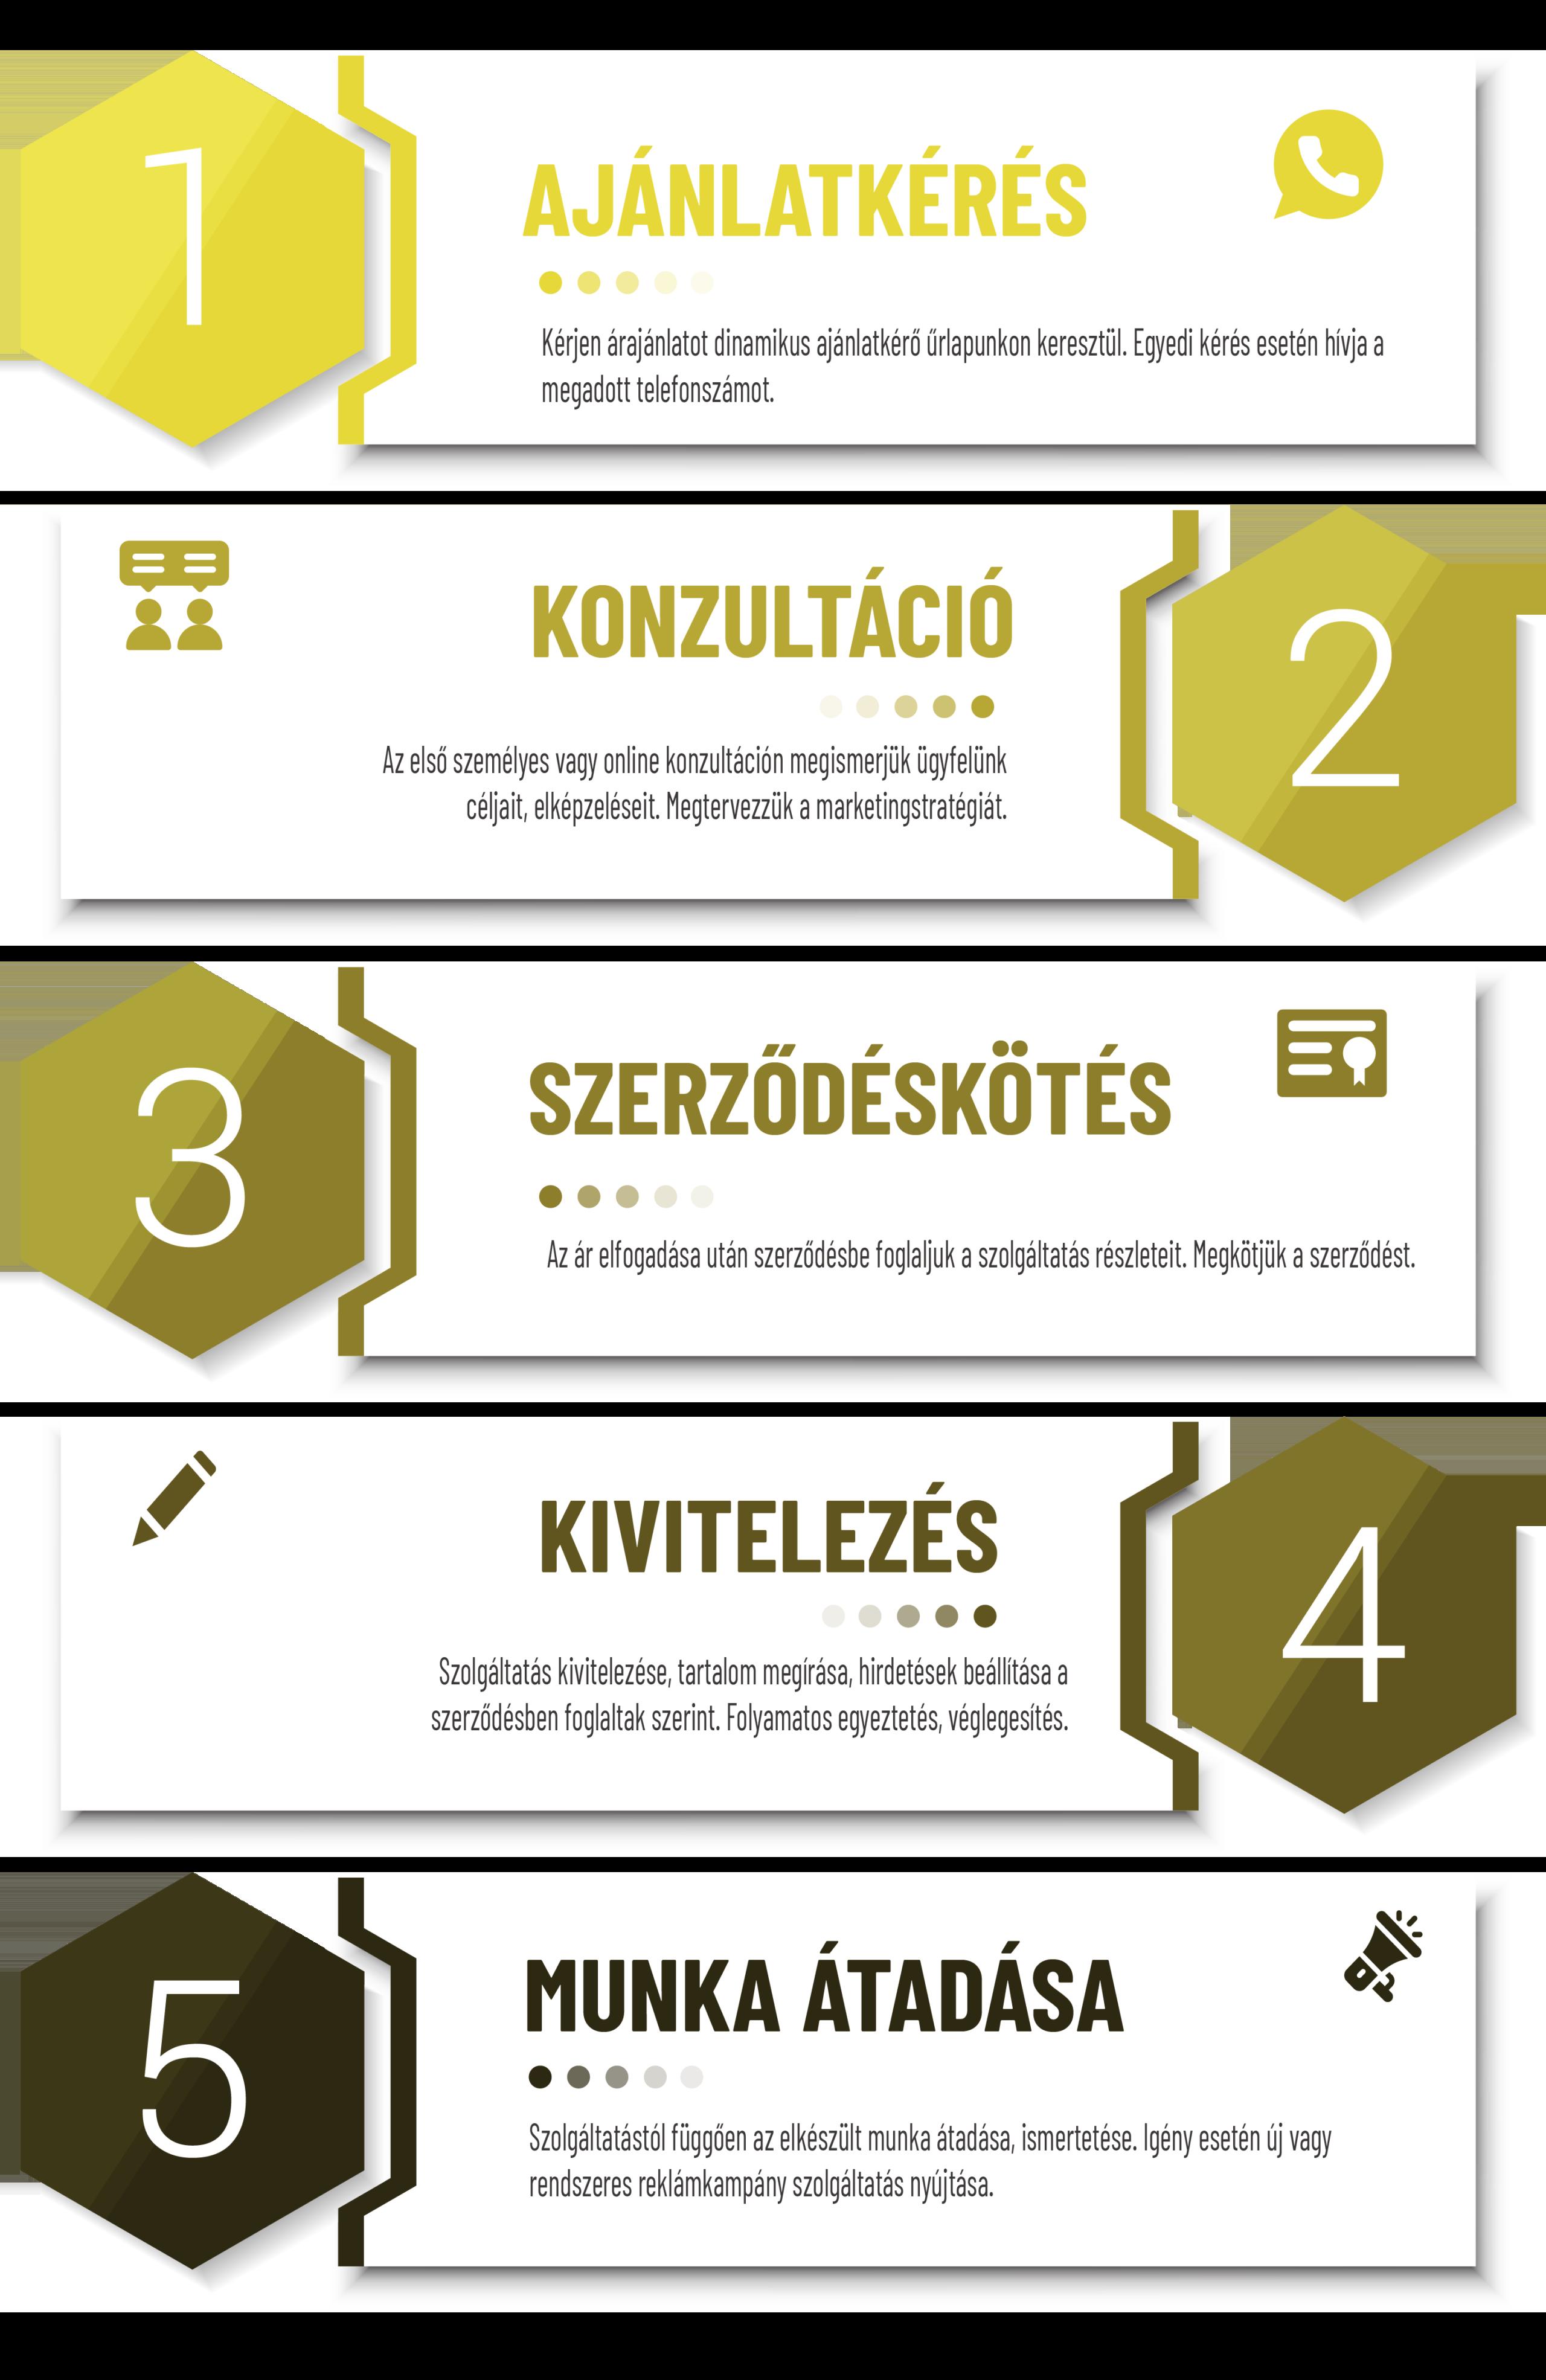 Reklám ajánlatkérés infografika